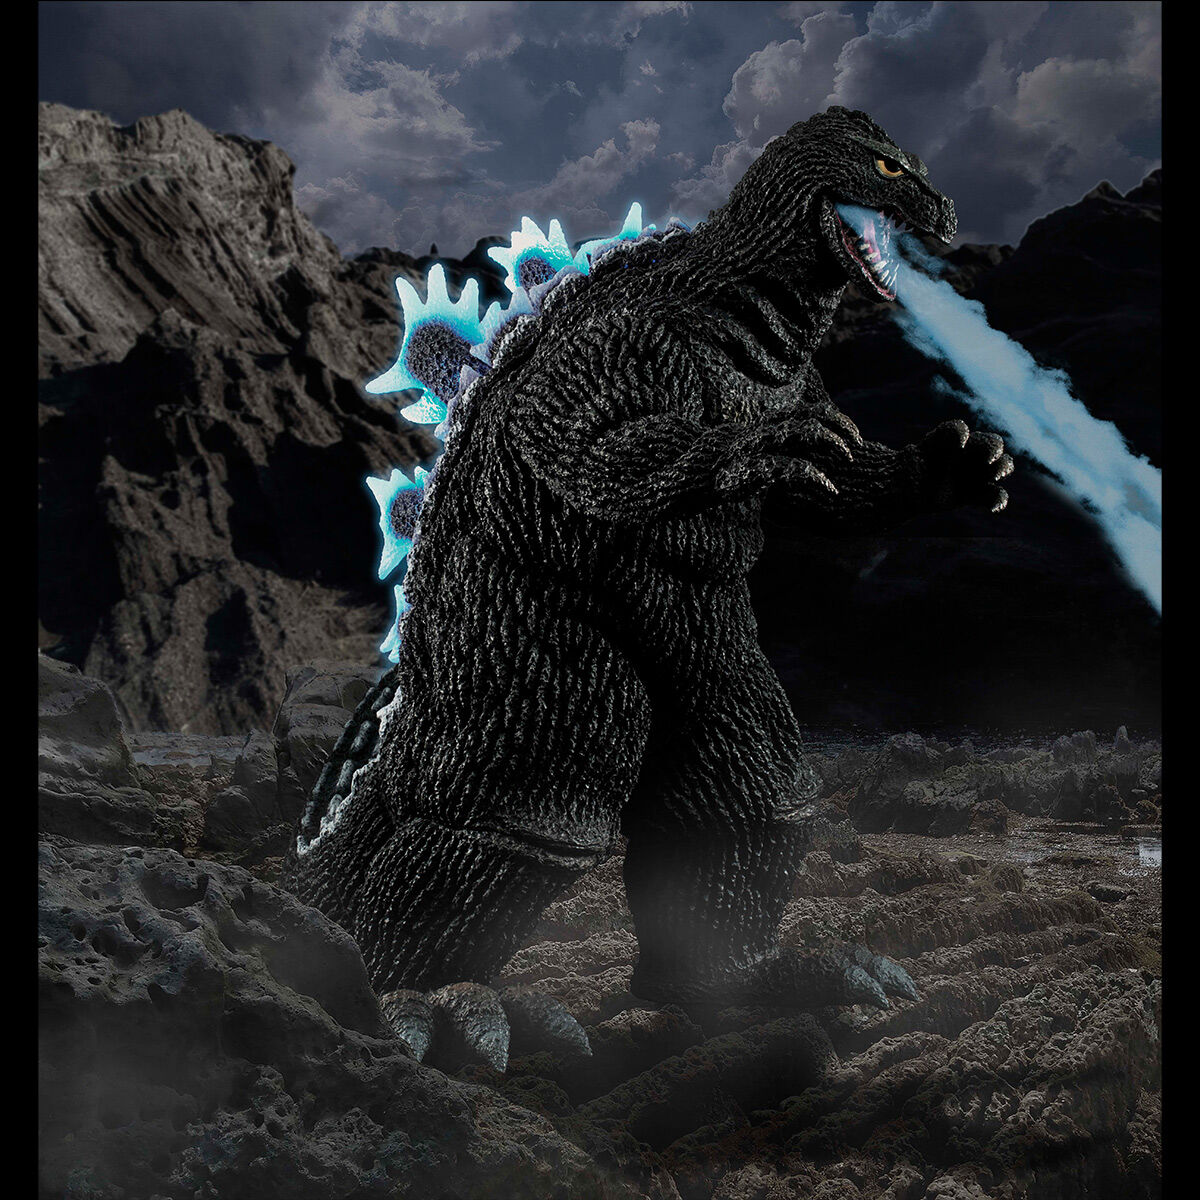 【限定販売】UA Monsters『ゴジラ(1962)』キングコング対ゴジラ 完成品フィギュア-006